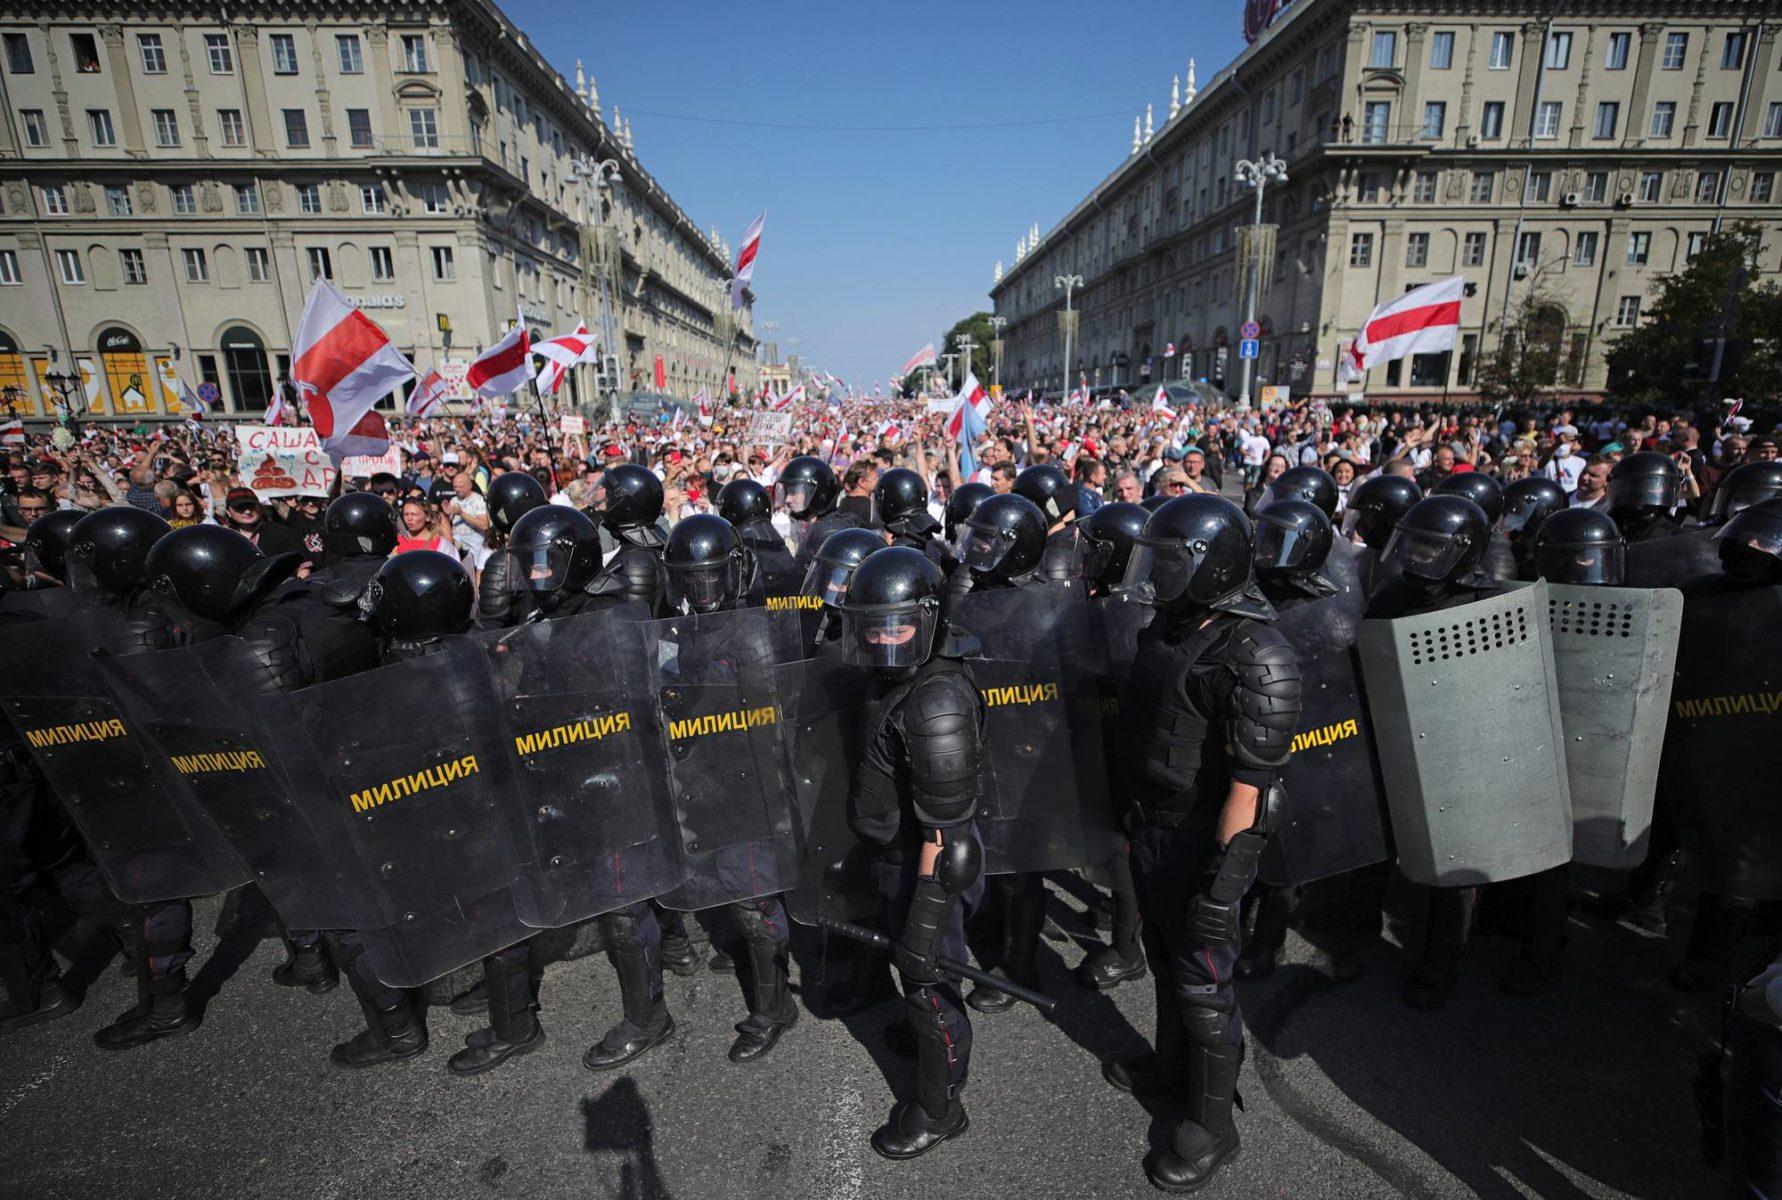 Kymmenettuhannet ihmiset osoittivat mieltään presidentti Lukašenkaa vastaan Minskissä sunnuntaina 30. elokuuta. Poliisi kertoi ottaneensa kiinni 125 mielenosoittajaa.